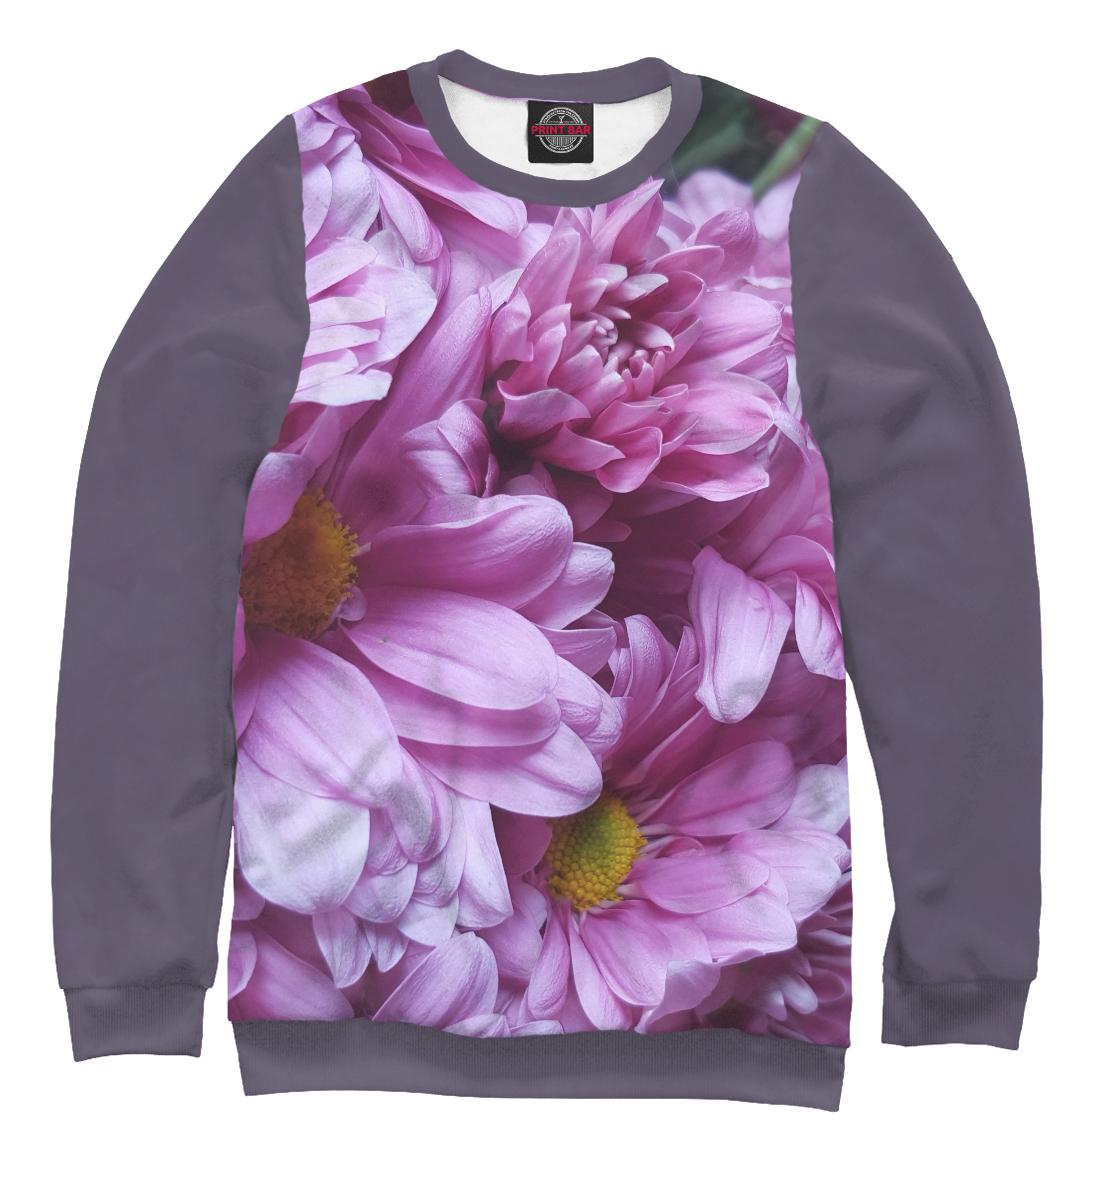 Купить Сиреневый букет цветов, Printbar, Свитшоты, CVE-432727-swi-1